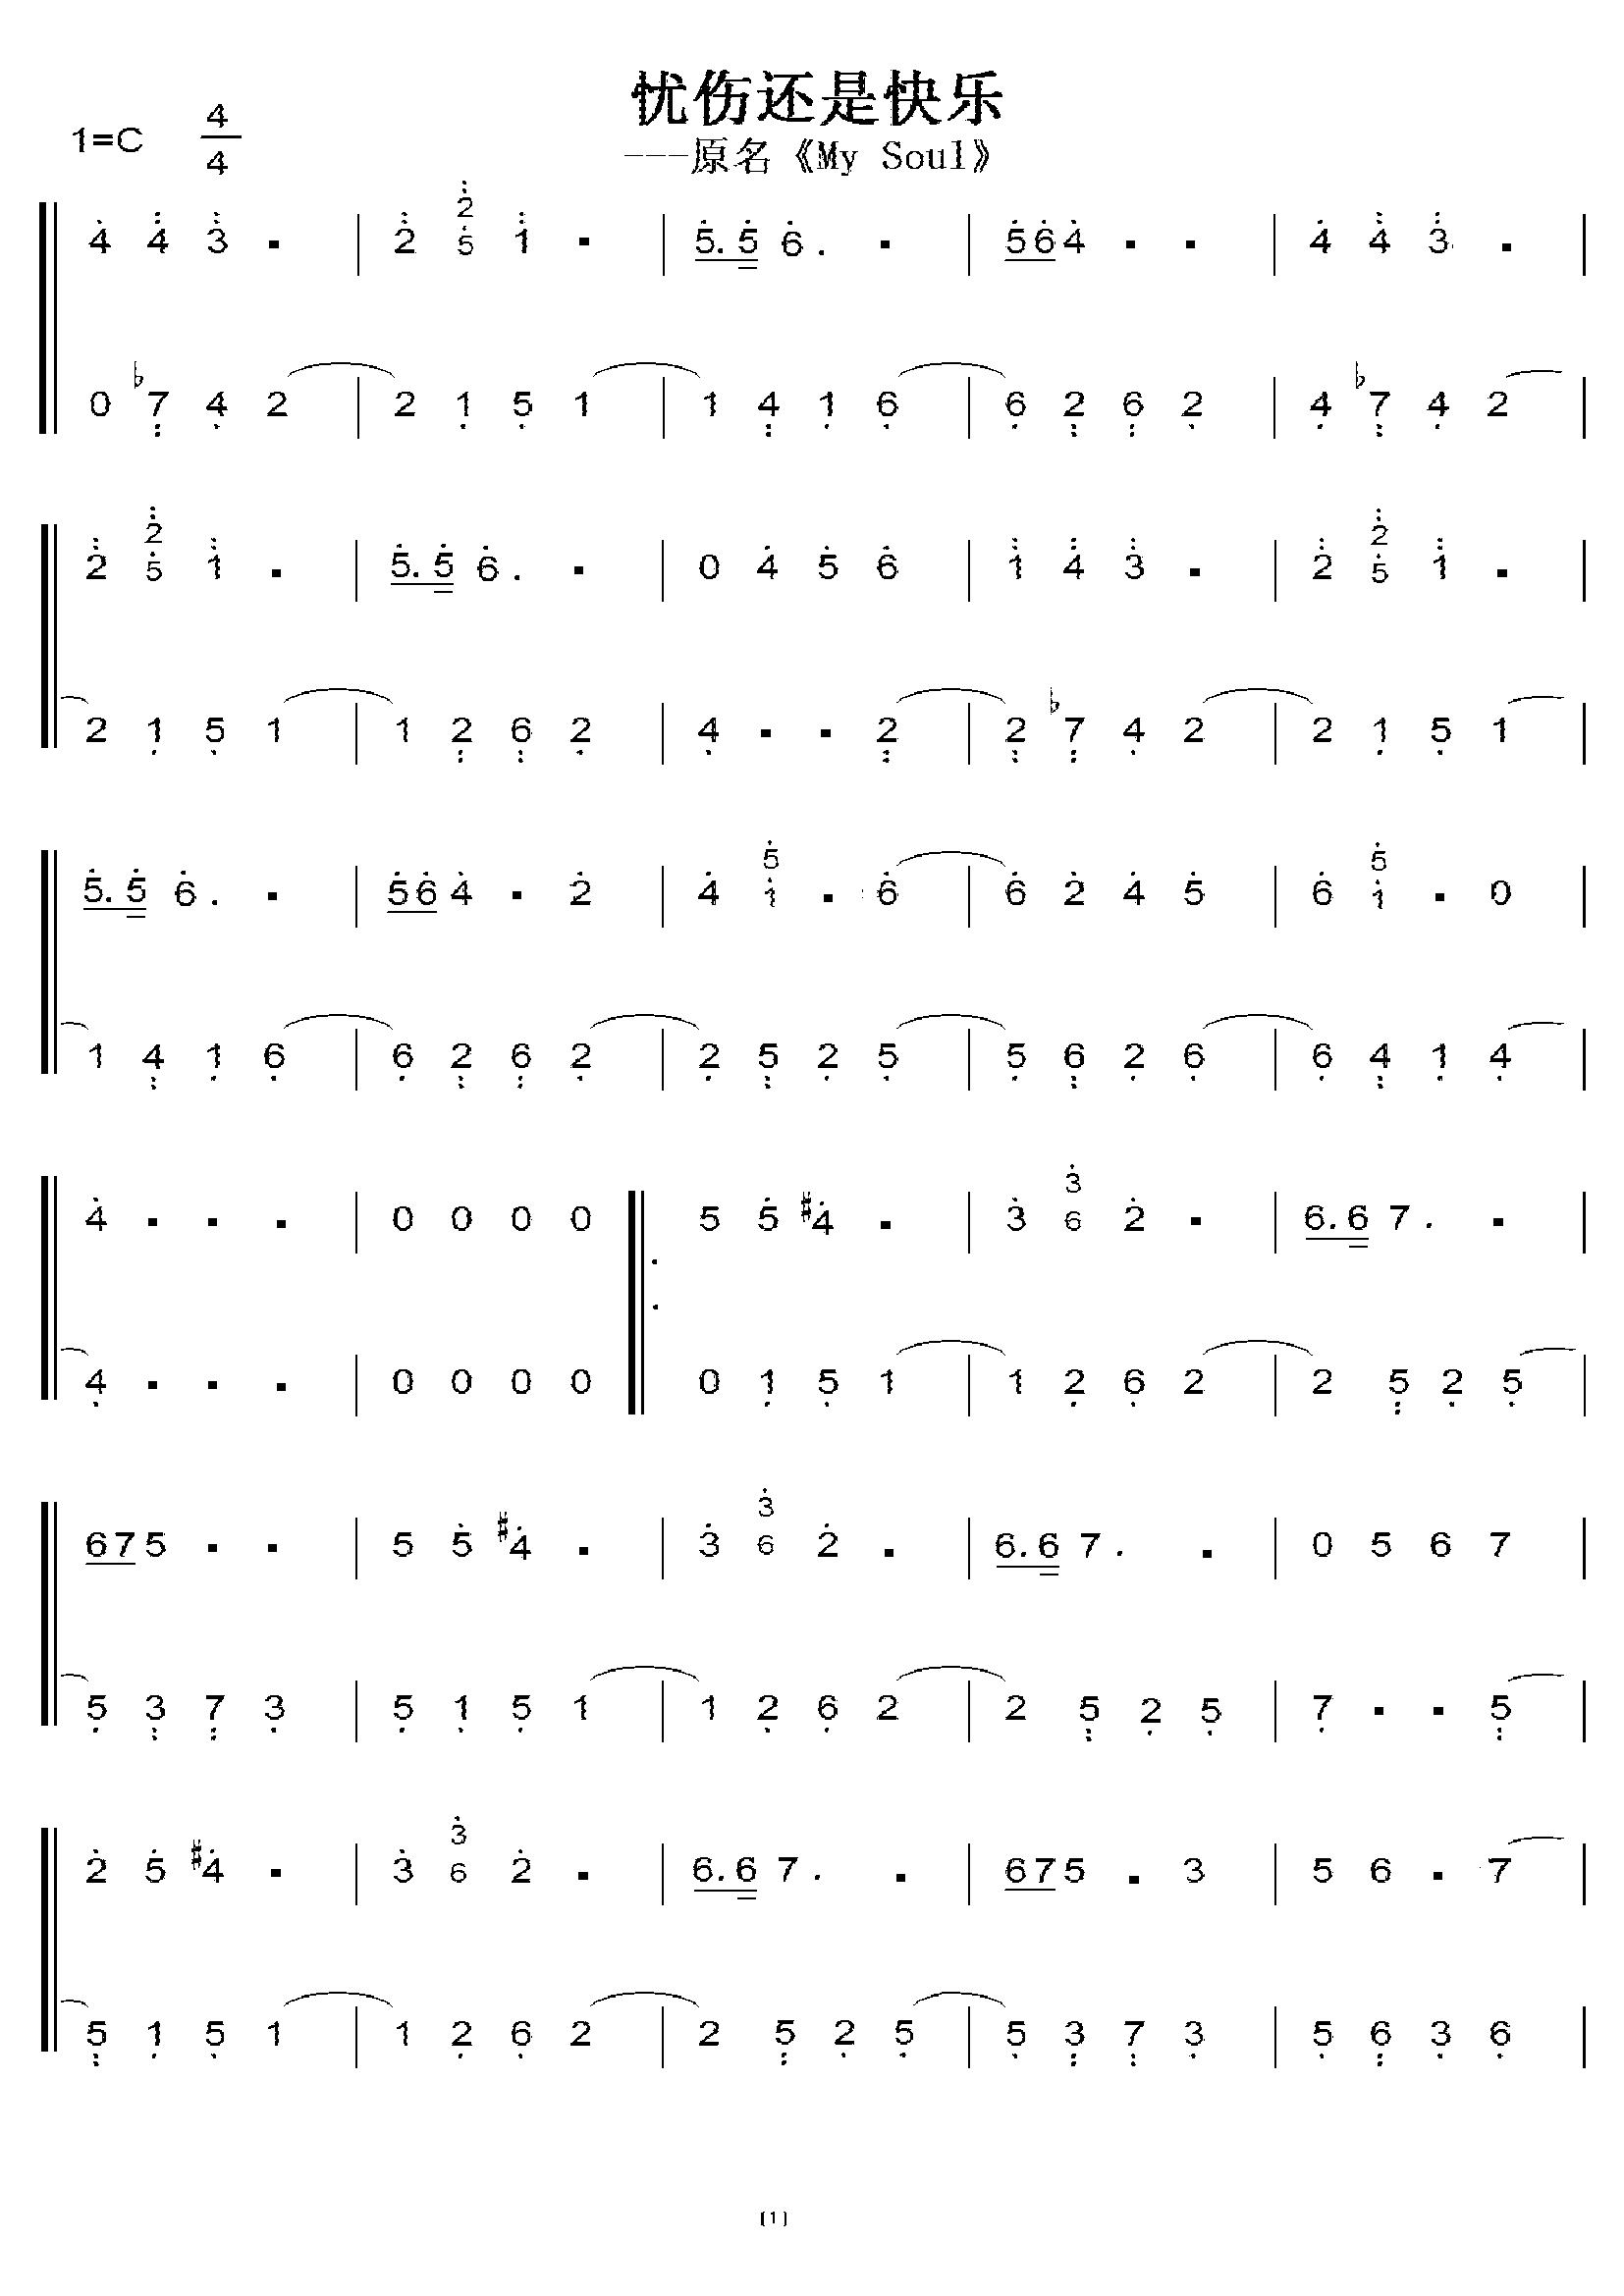 忧伤还是快乐 初学者c调简易版 钢琴双手简谱 钢琴简谱 钢琴谱图片